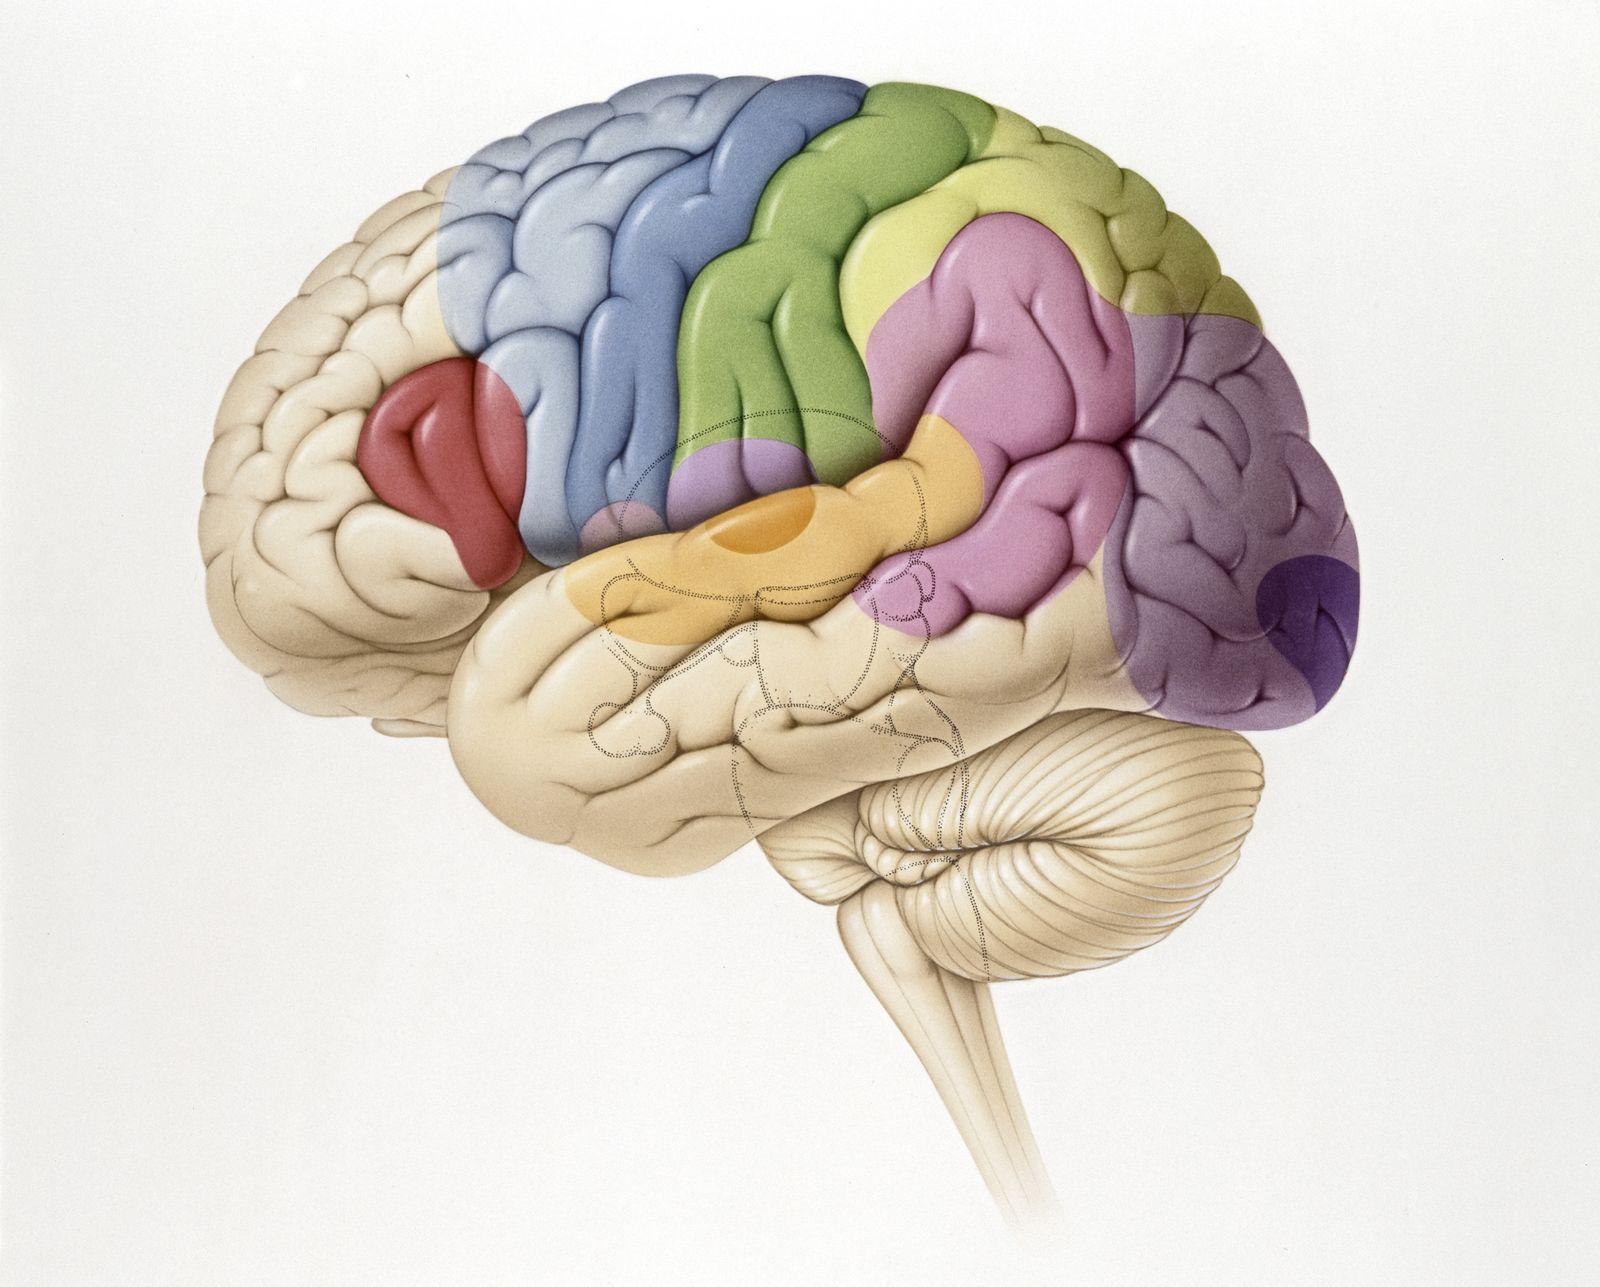 NICHT MEHR VERWENDEN! - SYMBOLBILD Gehirn